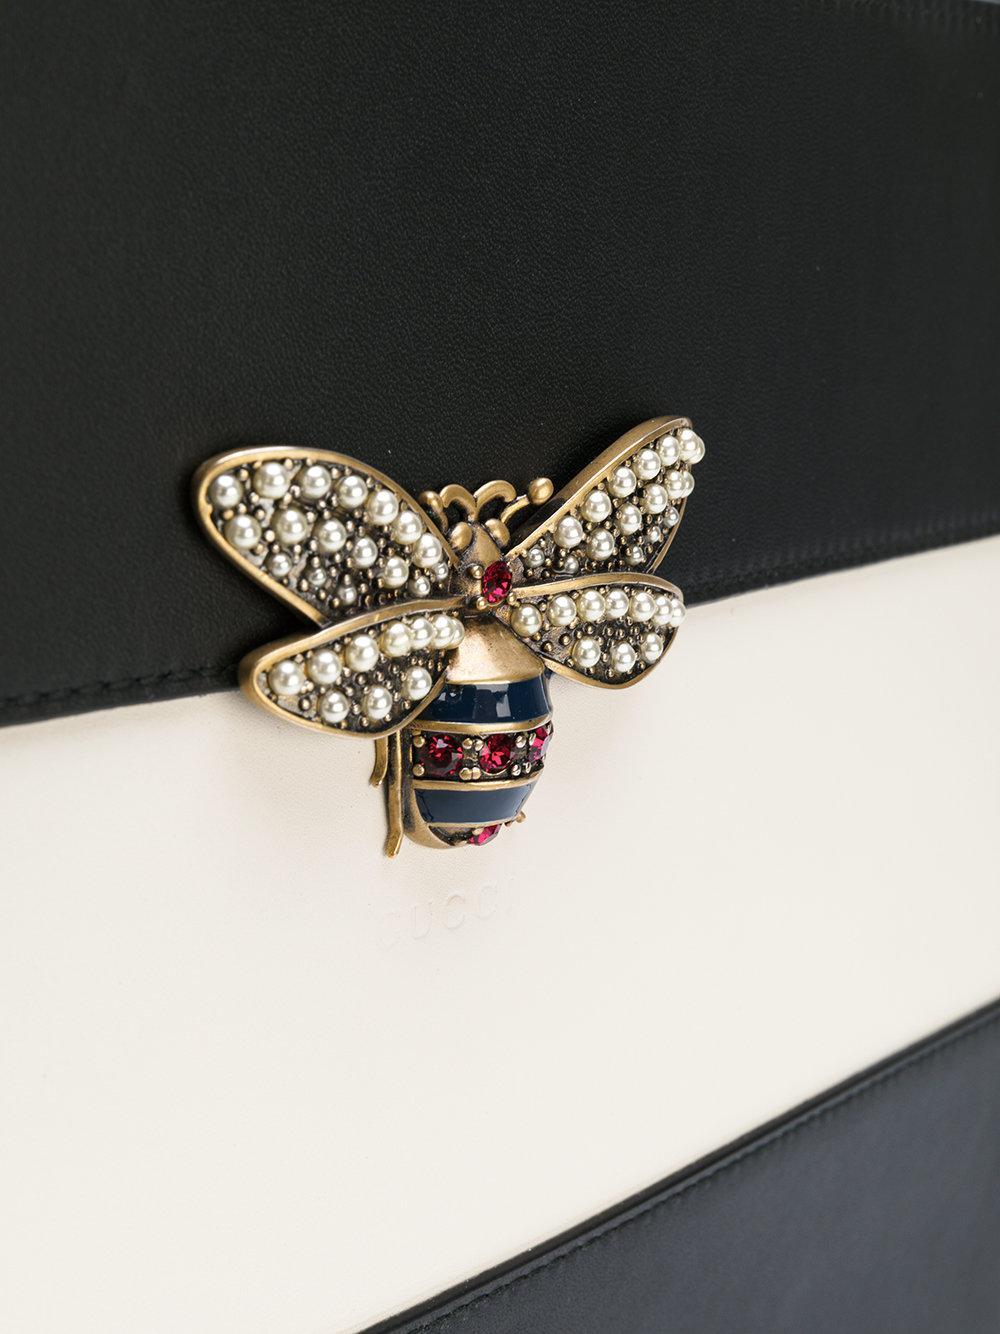 d000a83f01a1 Gucci Bee Clutch Bag in Black - Lyst